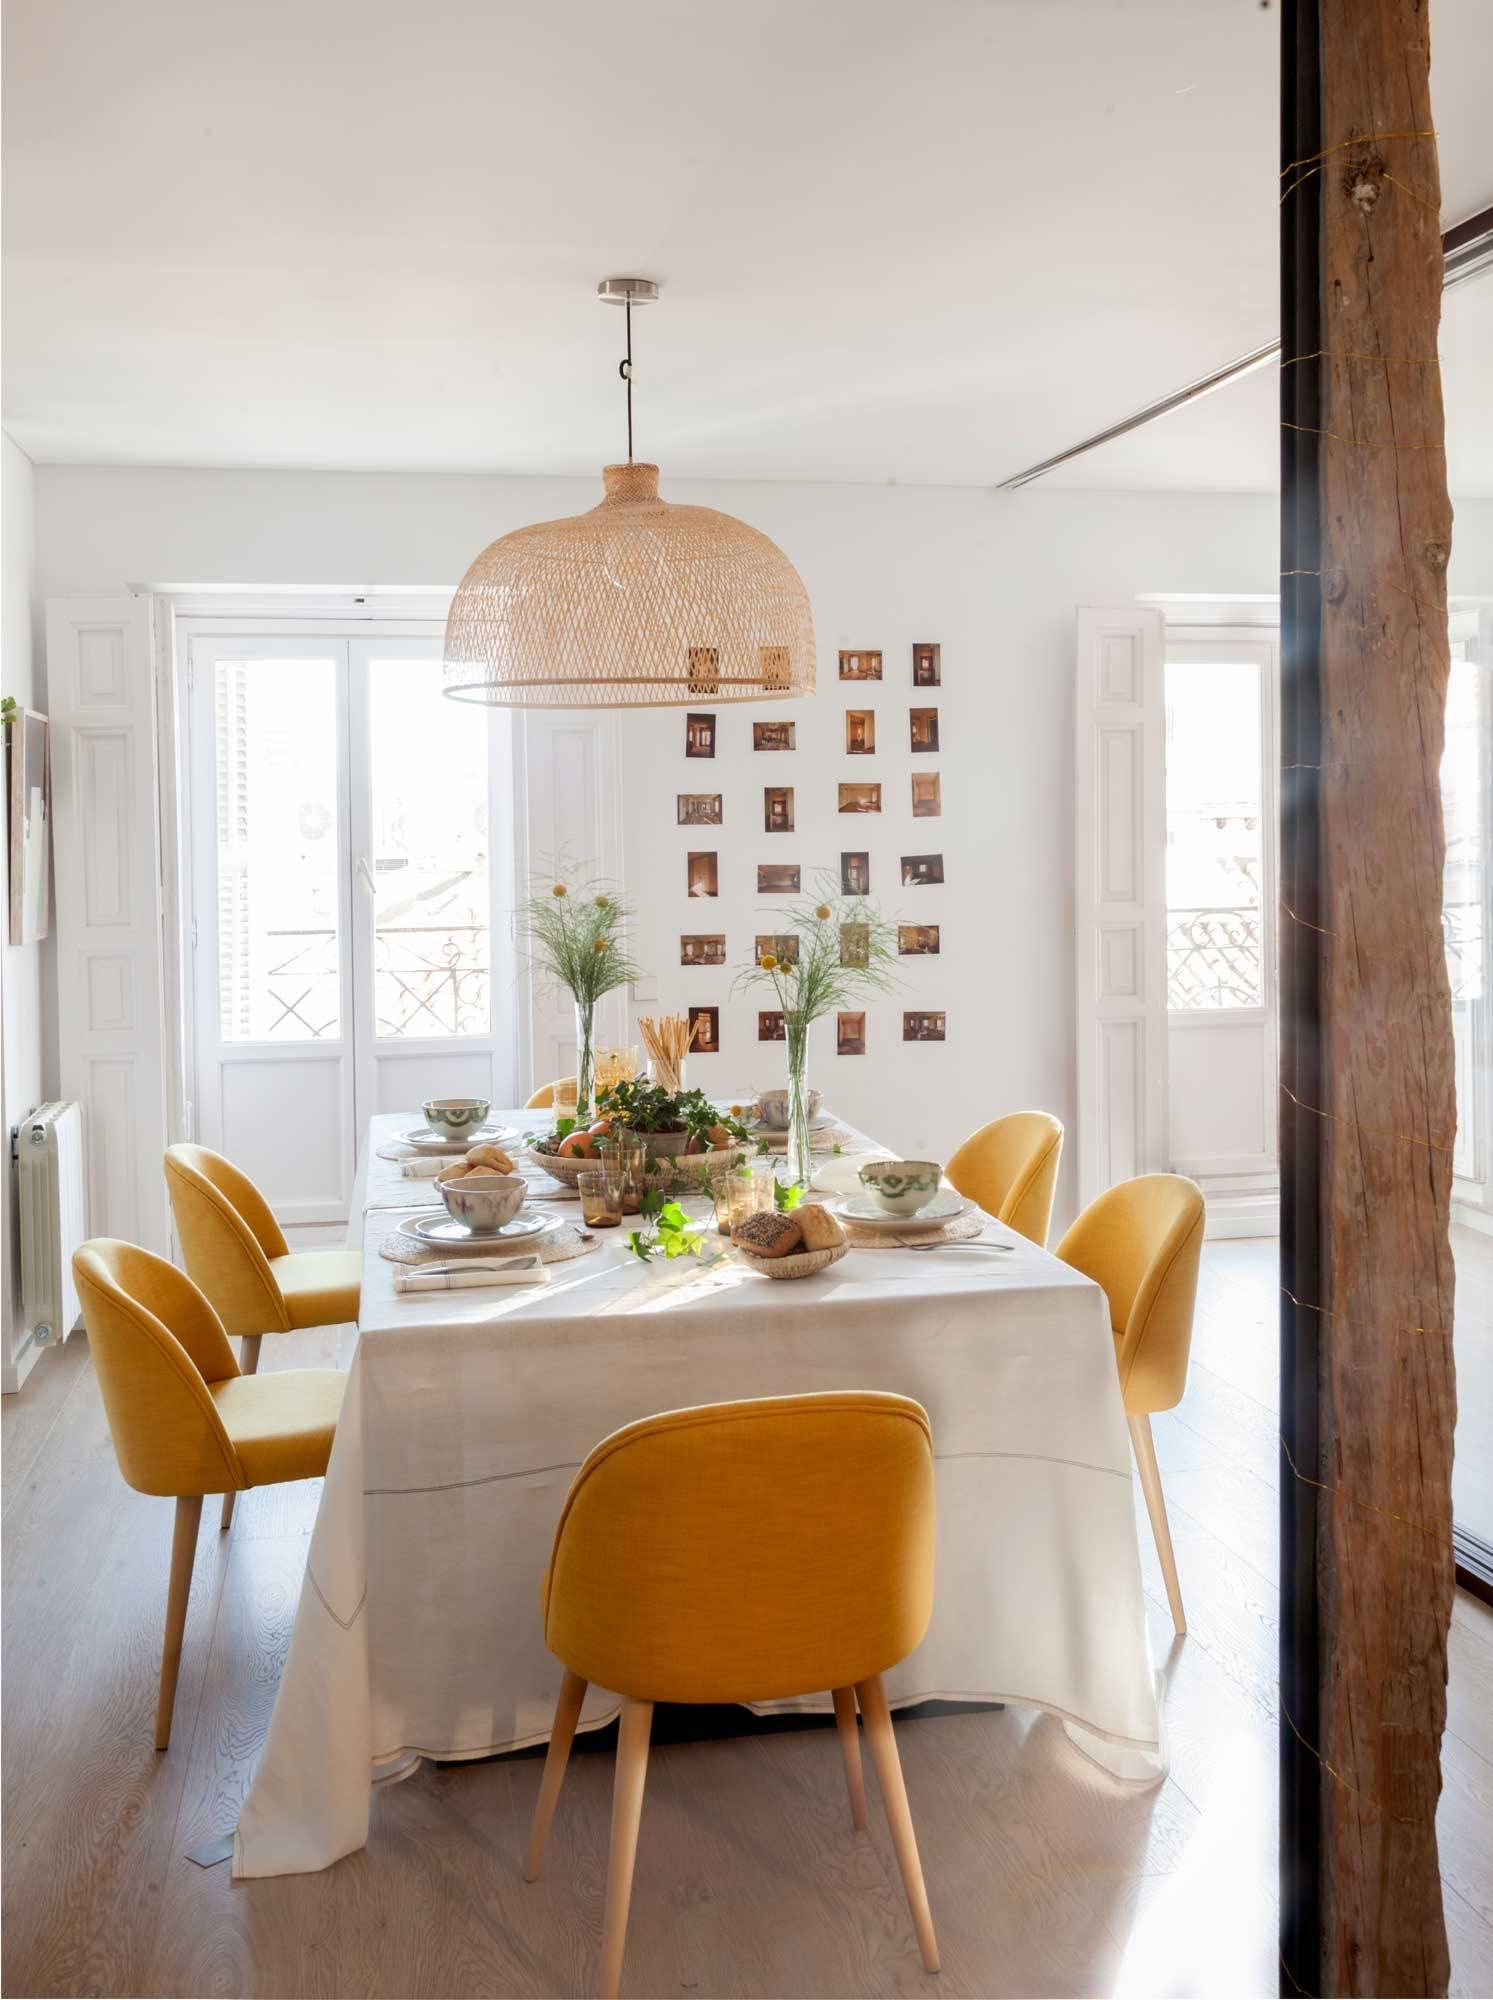 silla comedor con asa amarilla